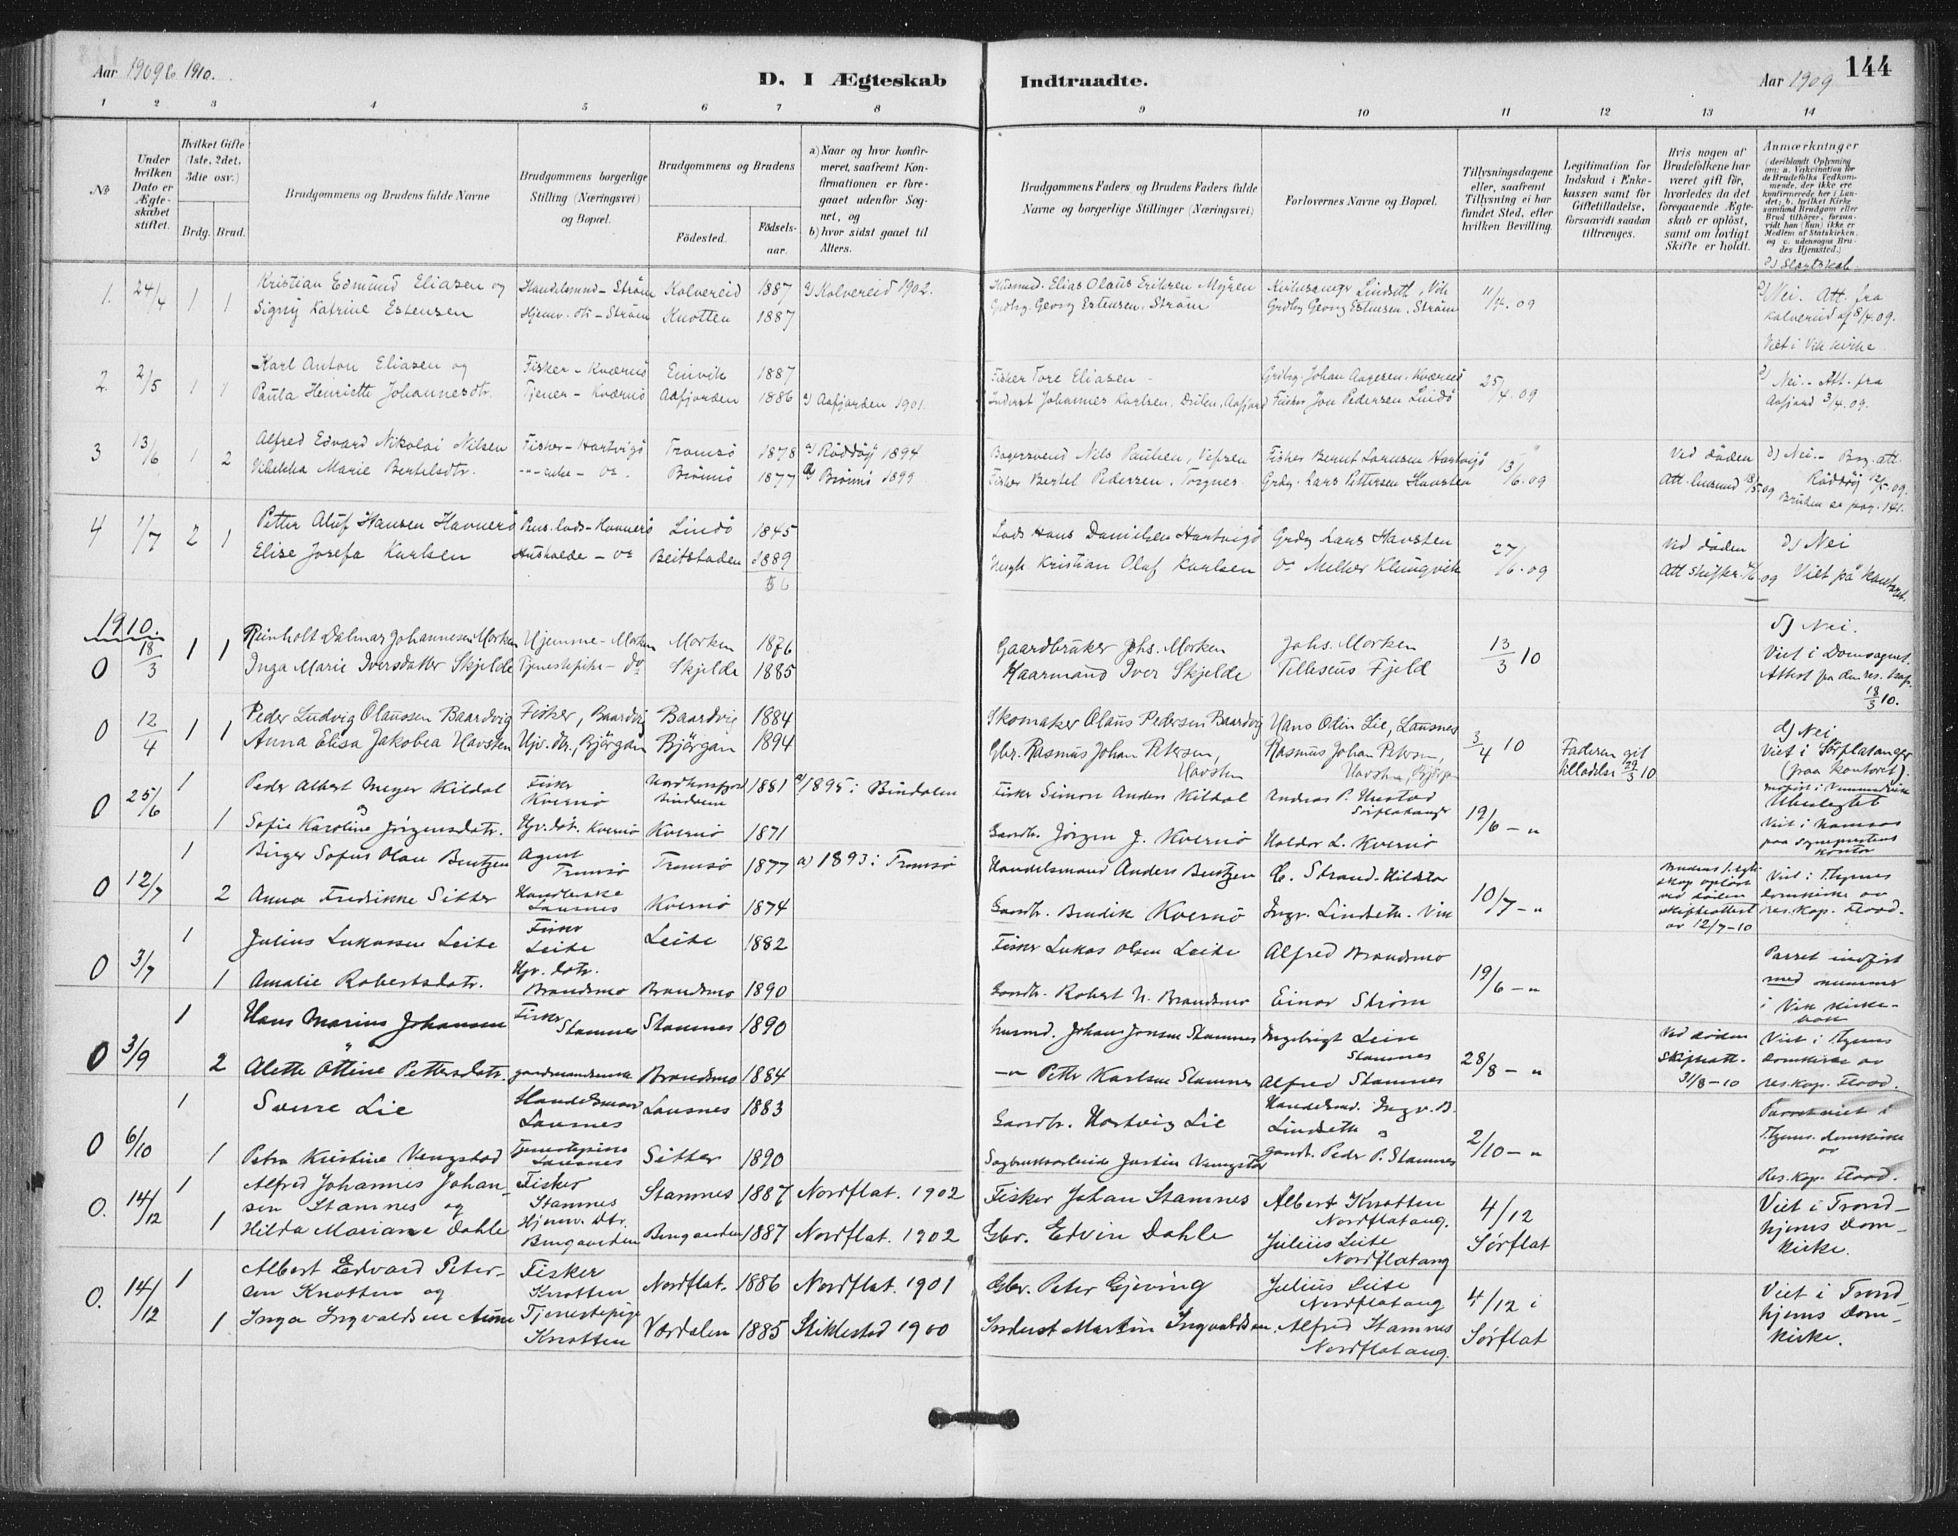 SAT, Ministerialprotokoller, klokkerbøker og fødselsregistre - Nord-Trøndelag, 772/L0603: Ministerialbok nr. 772A01, 1885-1912, s. 144